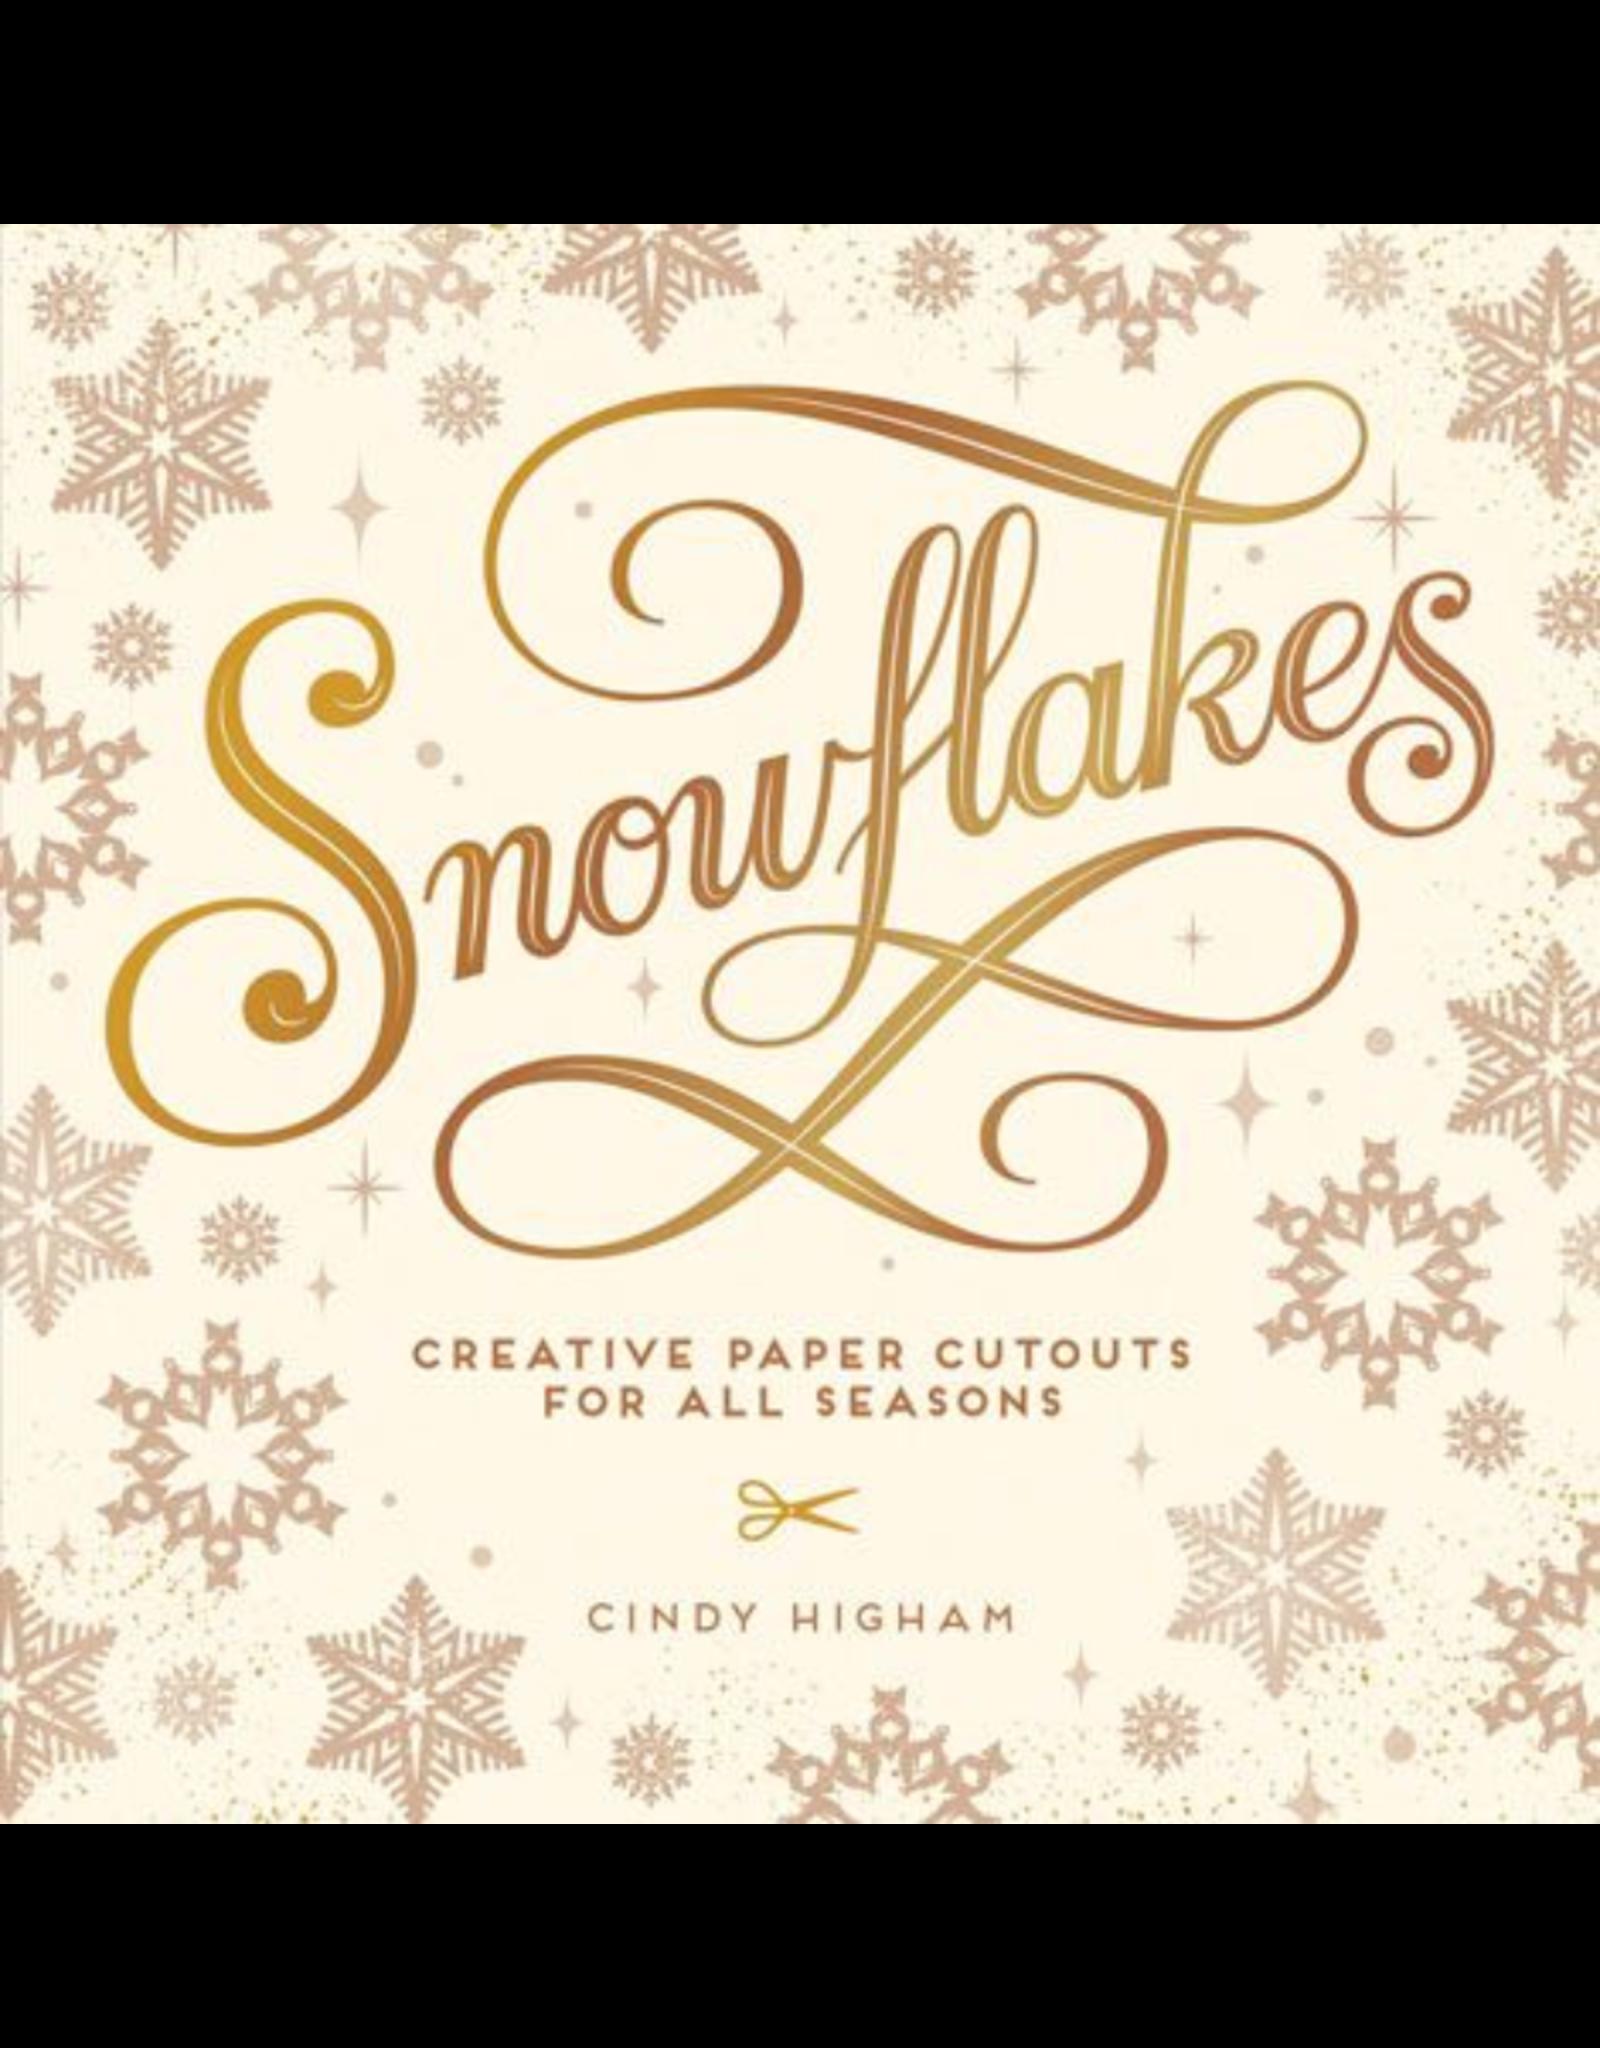 Gibbs Smith Snowflakes Book